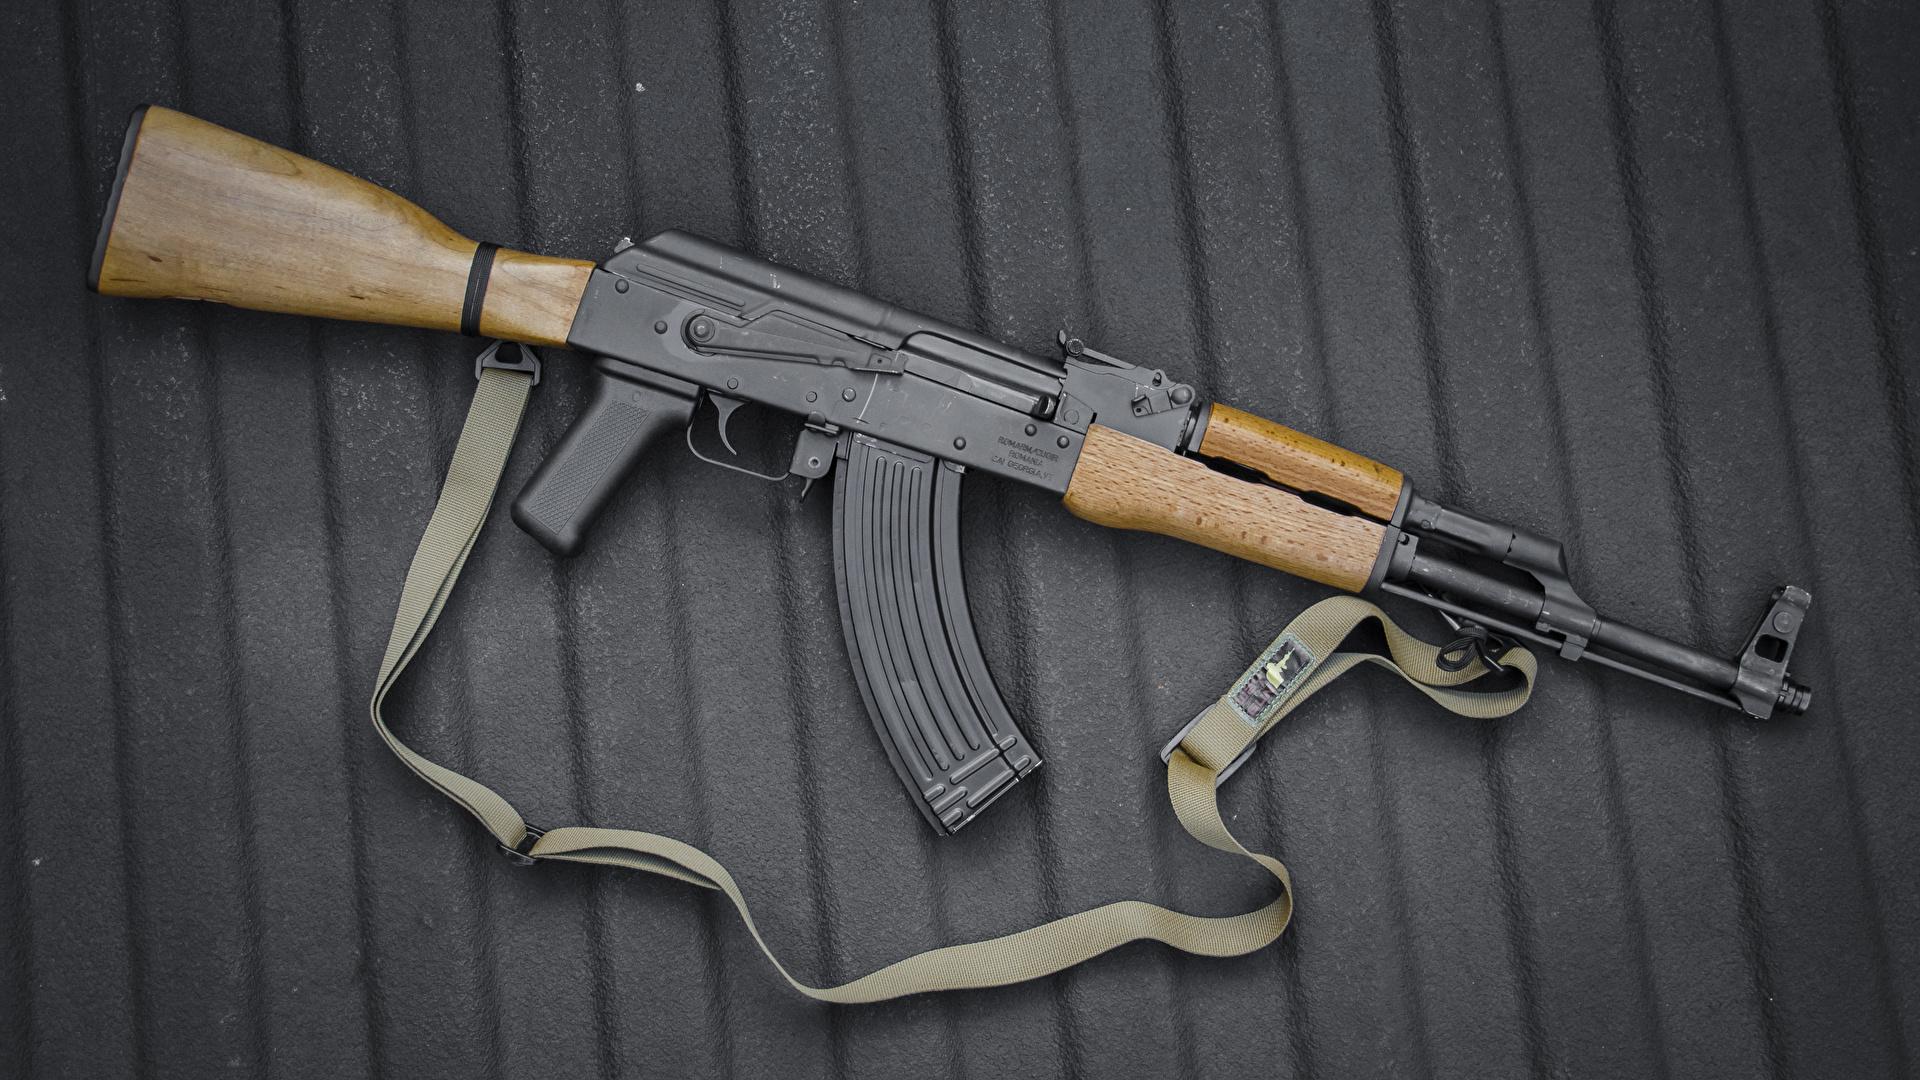 Fotos AK 47 Sturmgewehr russischer Heer 1920x1080 Kalaschnikow Russische russisches